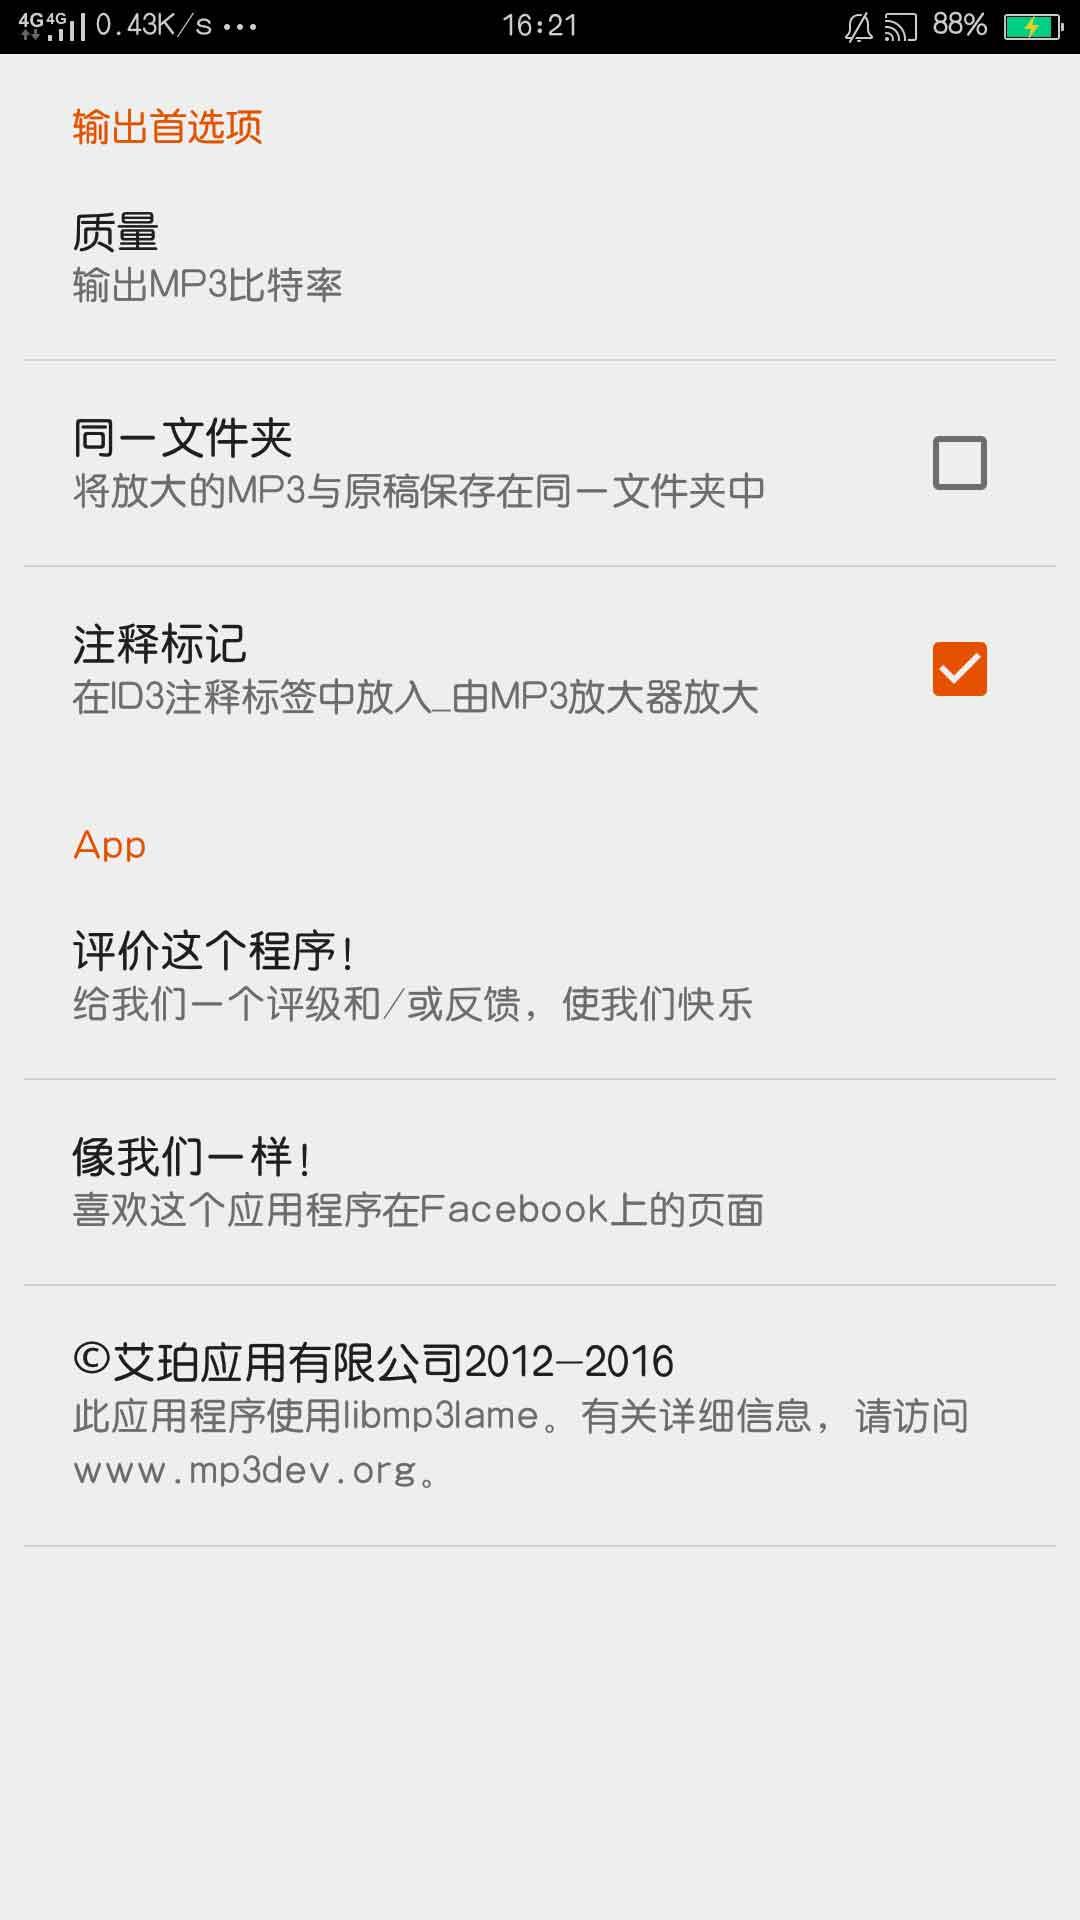 【分享】 MP3放大器2.1.6